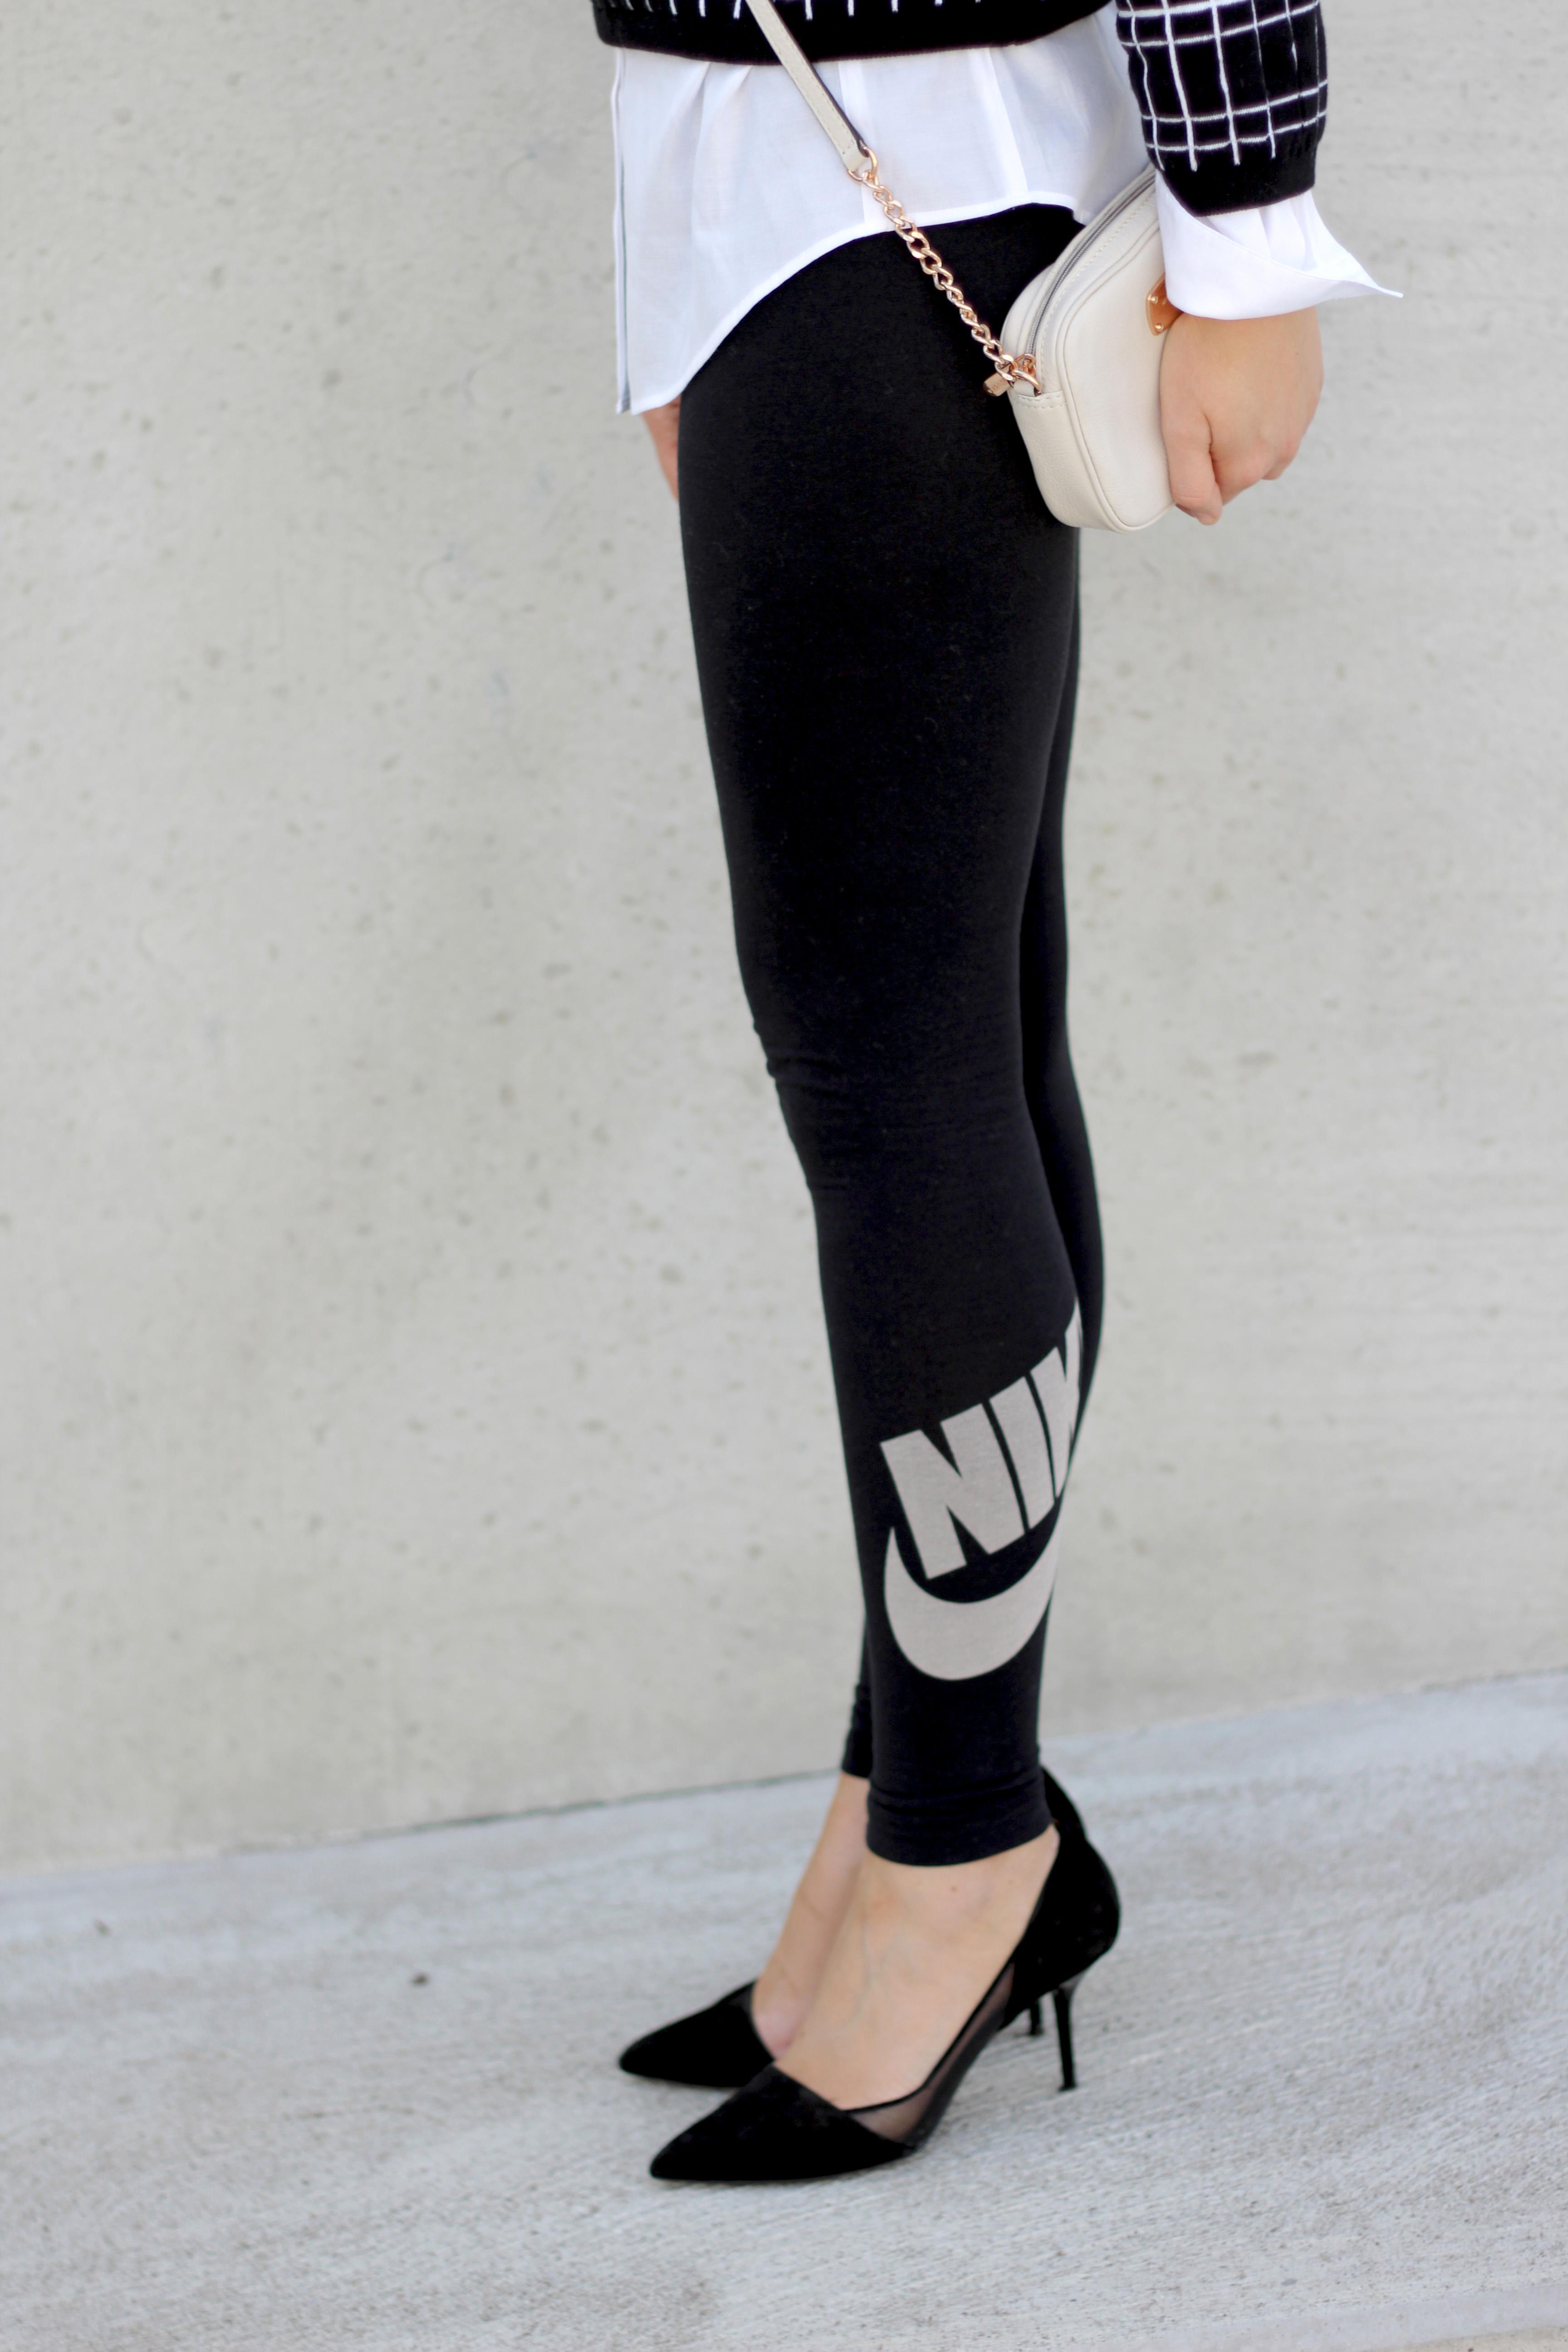 Smuk Sie trägt Nike und findet es verdammt gut! - zukkermädchen RA-64